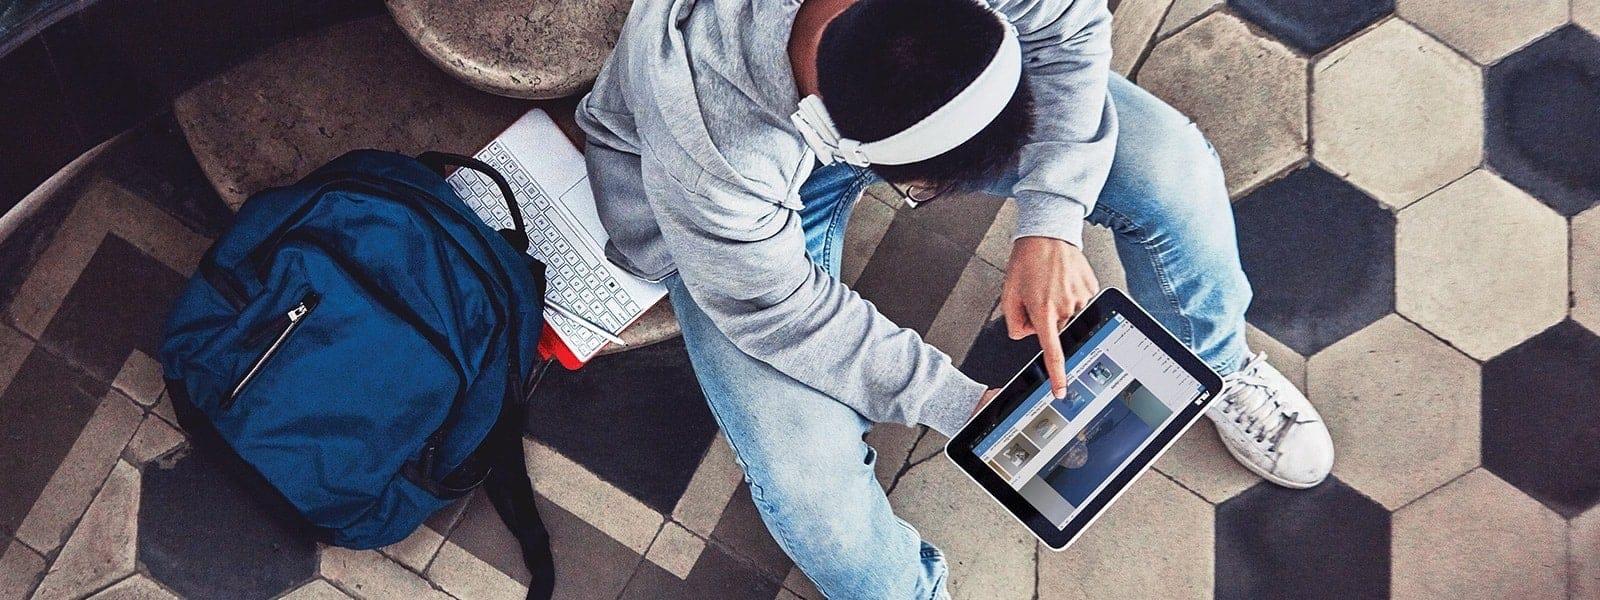 Ученик гледа към устройство с Windows 10